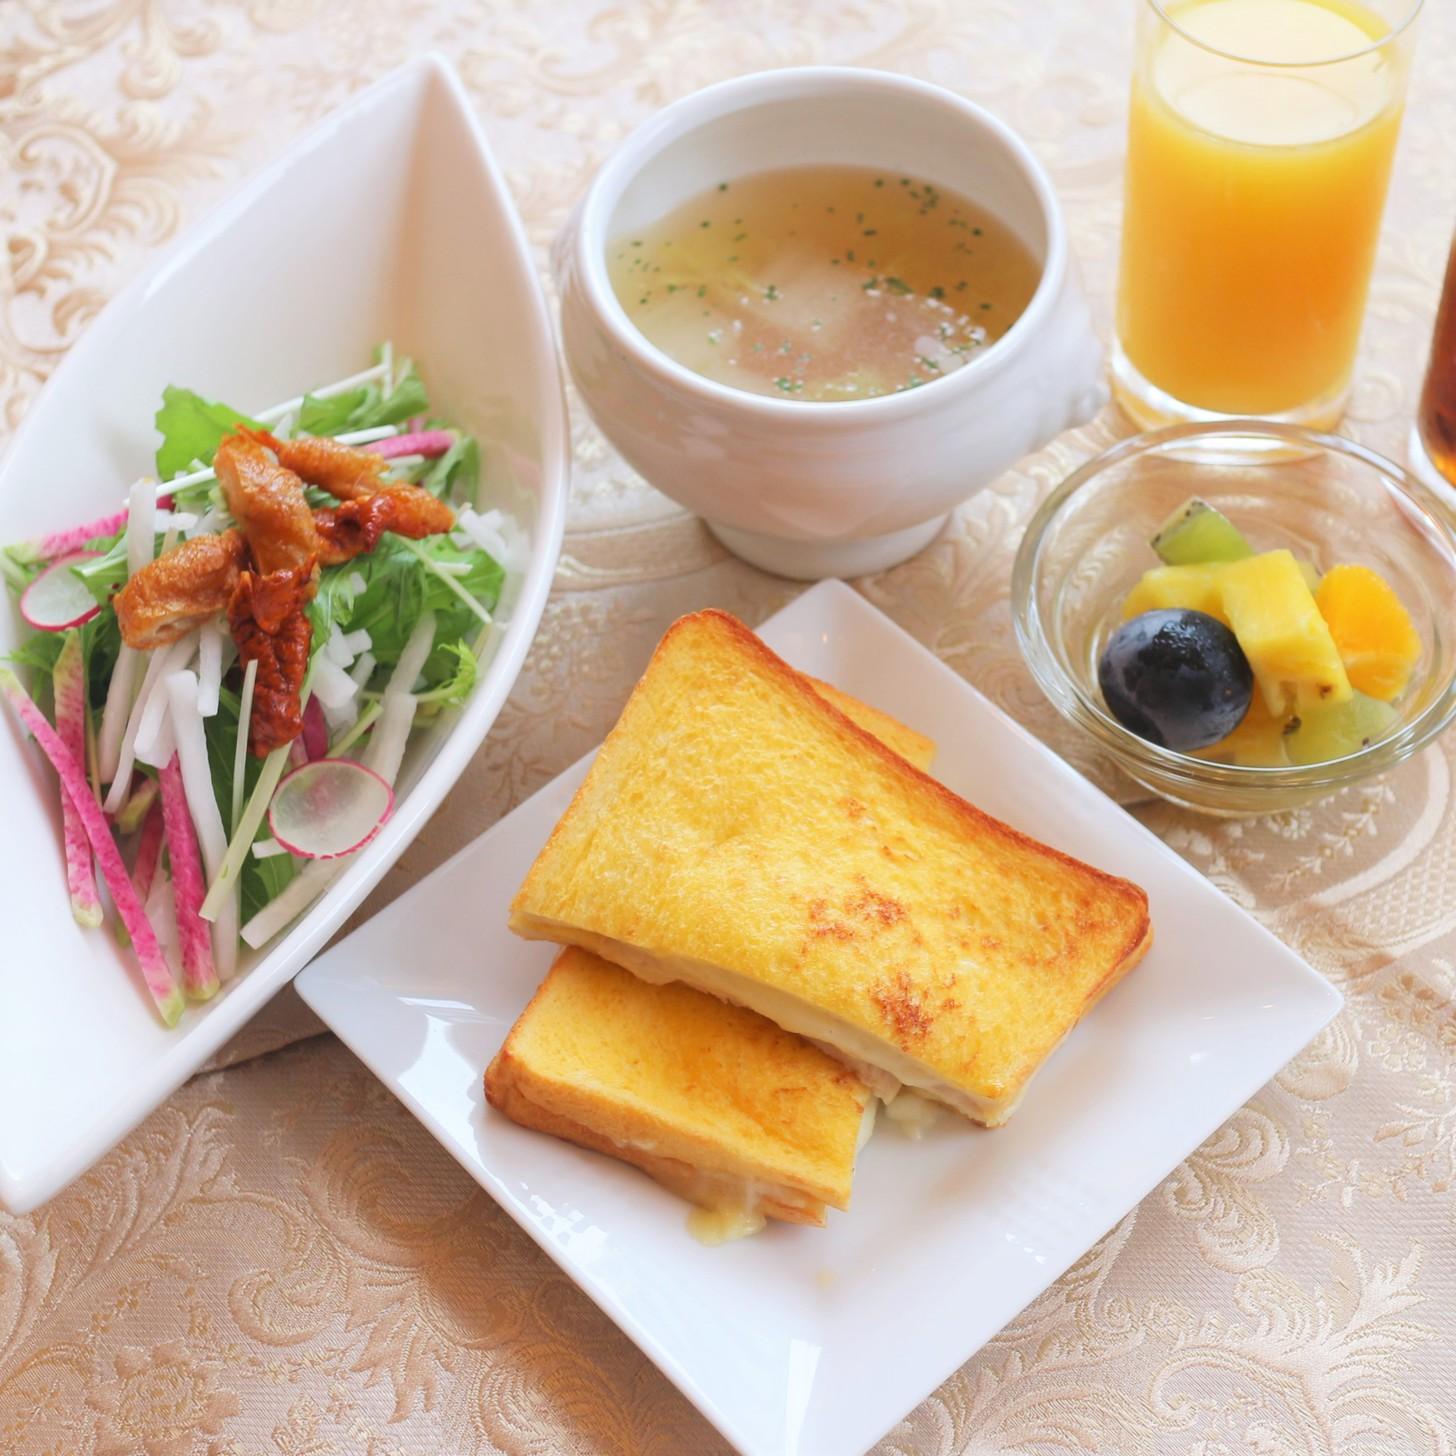 名古屋コーチンを堪能できる朝食セット ※写真はイメージです。